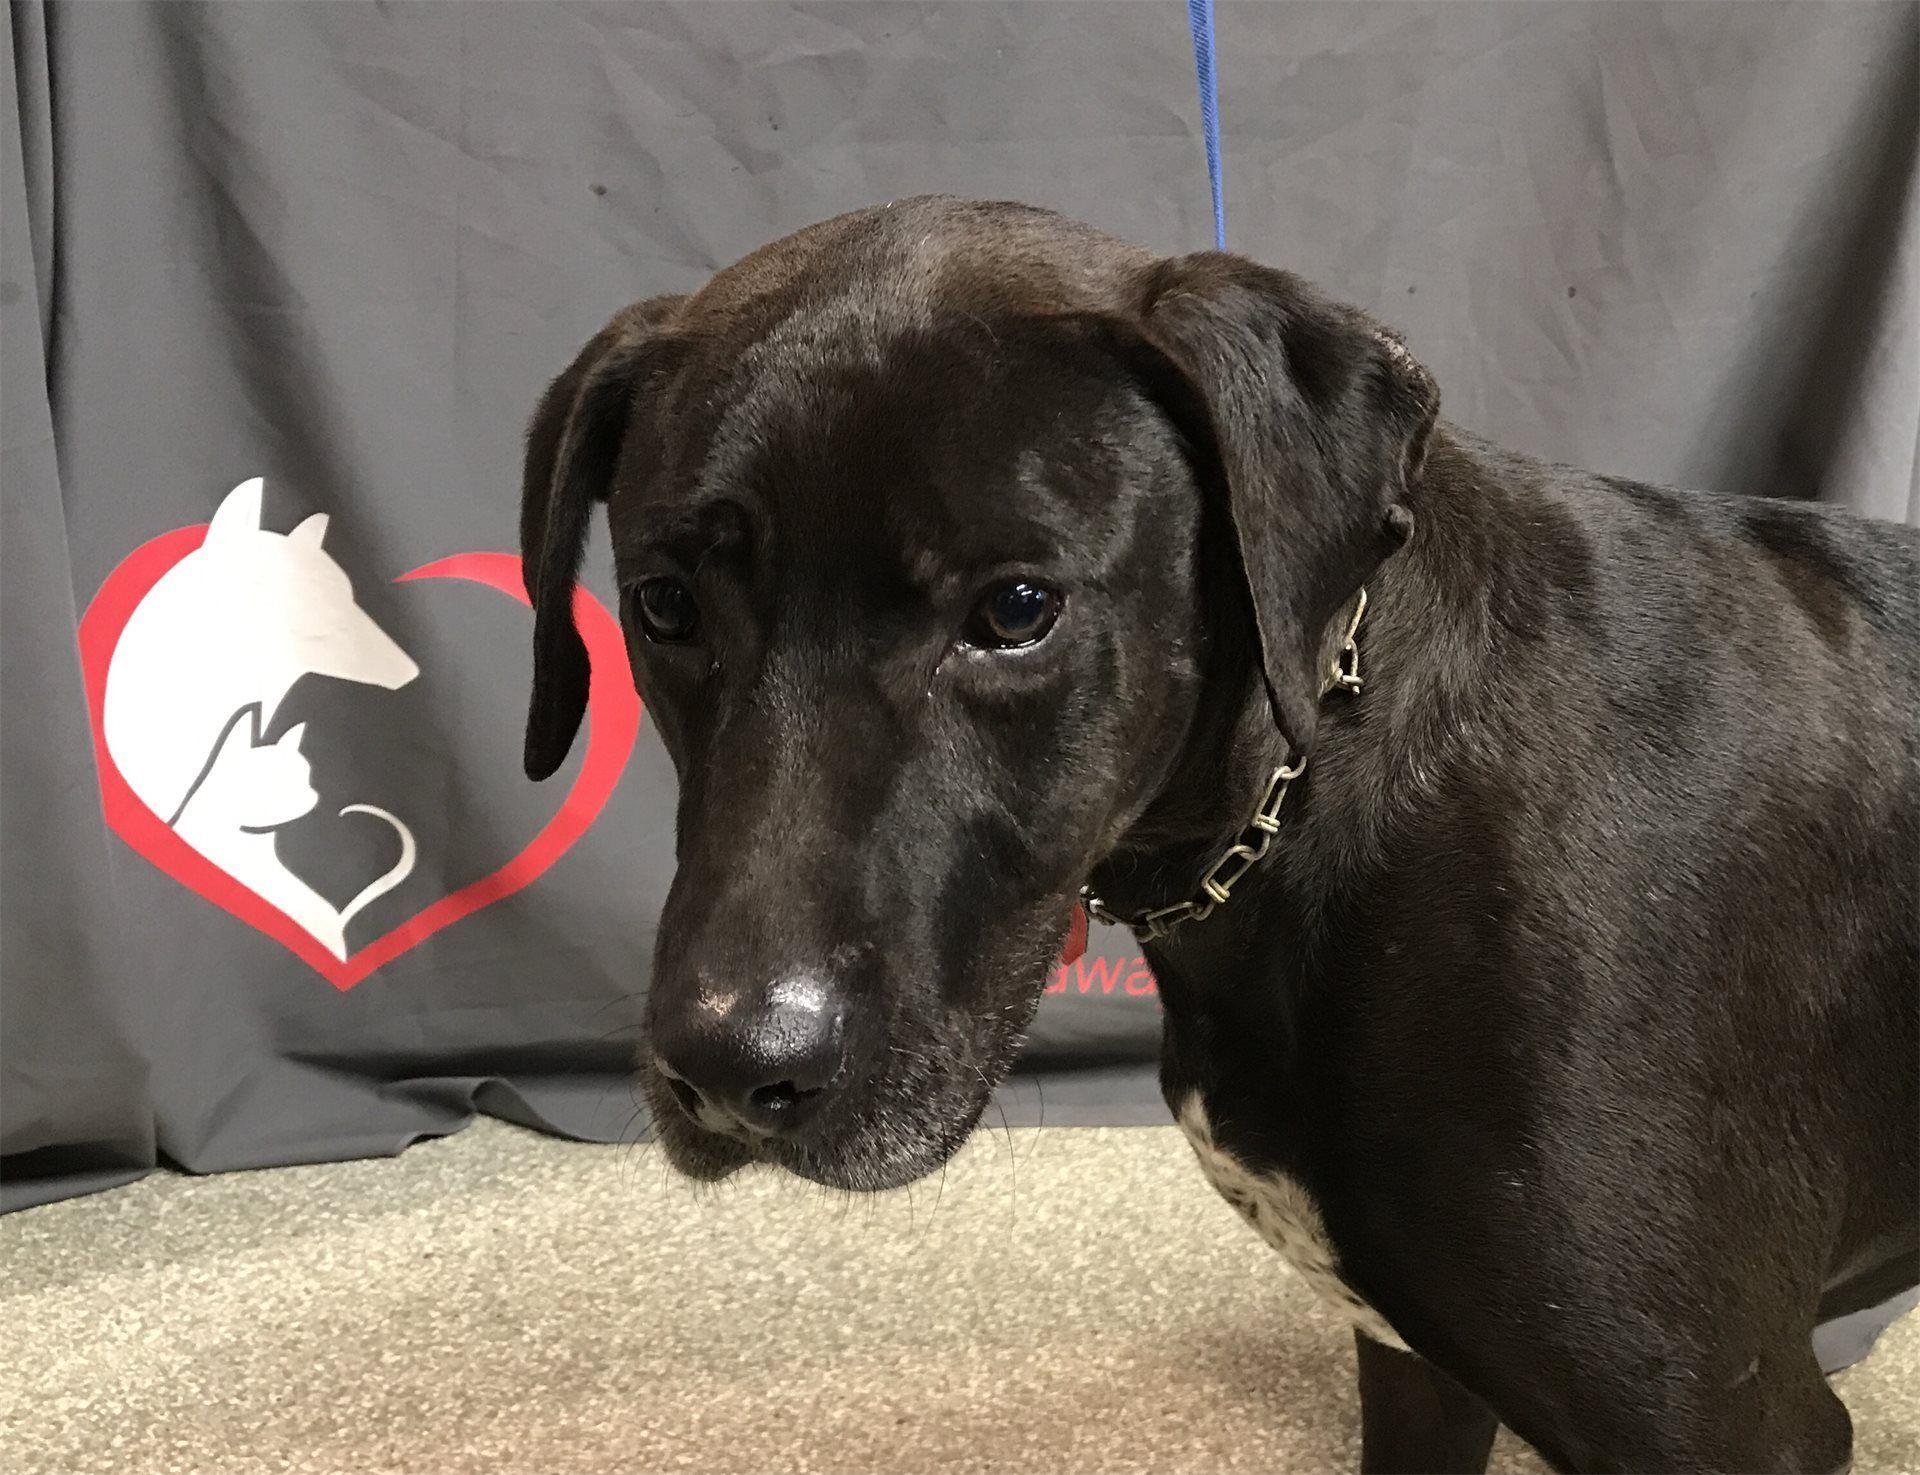 Labrador Retriever dog for Adoption in pomona, CA. ADN